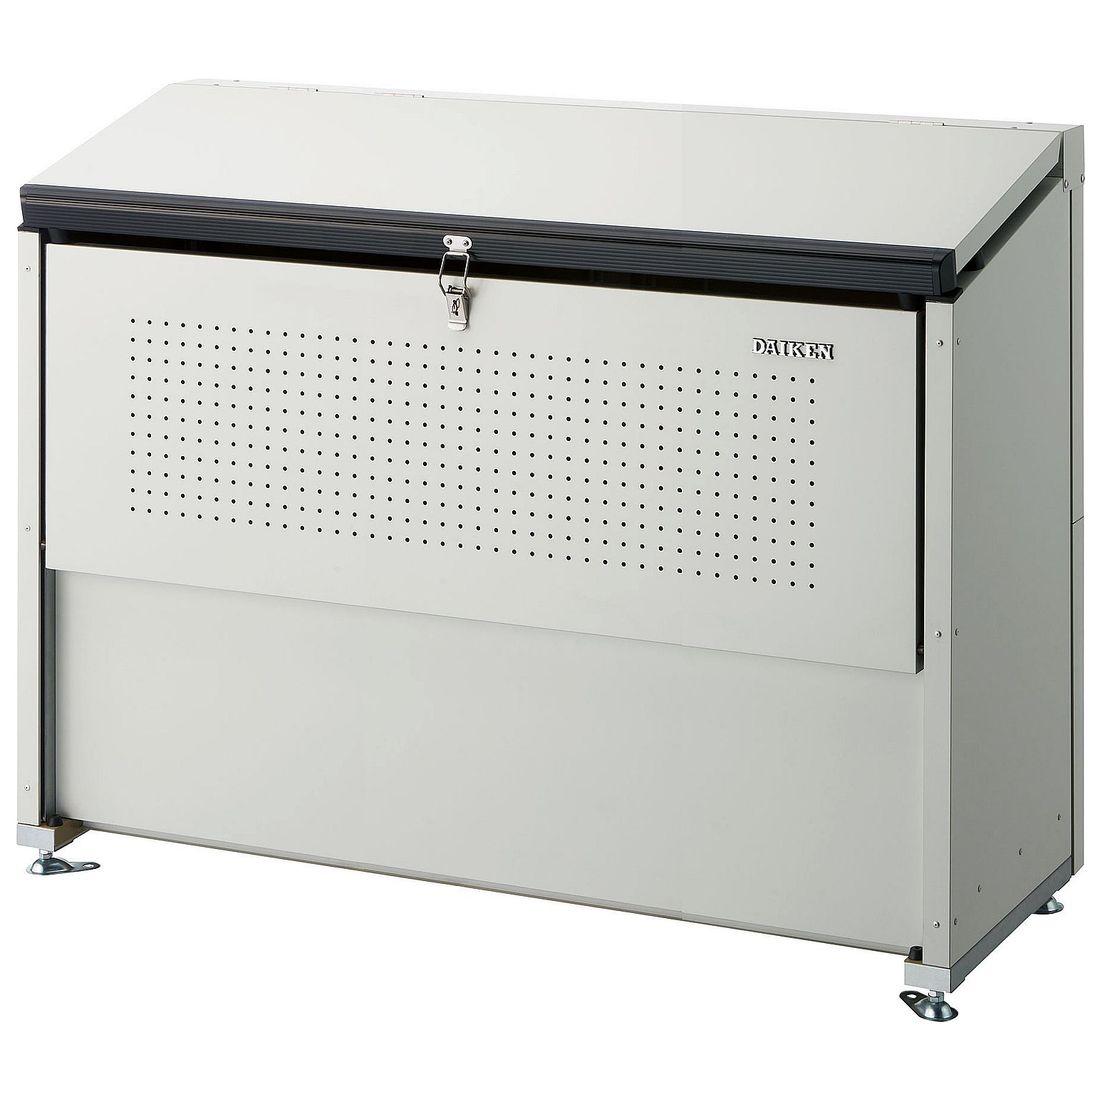 ダイケン スチールゴミ収集庫クリーンストッカー CKE CKE-1305